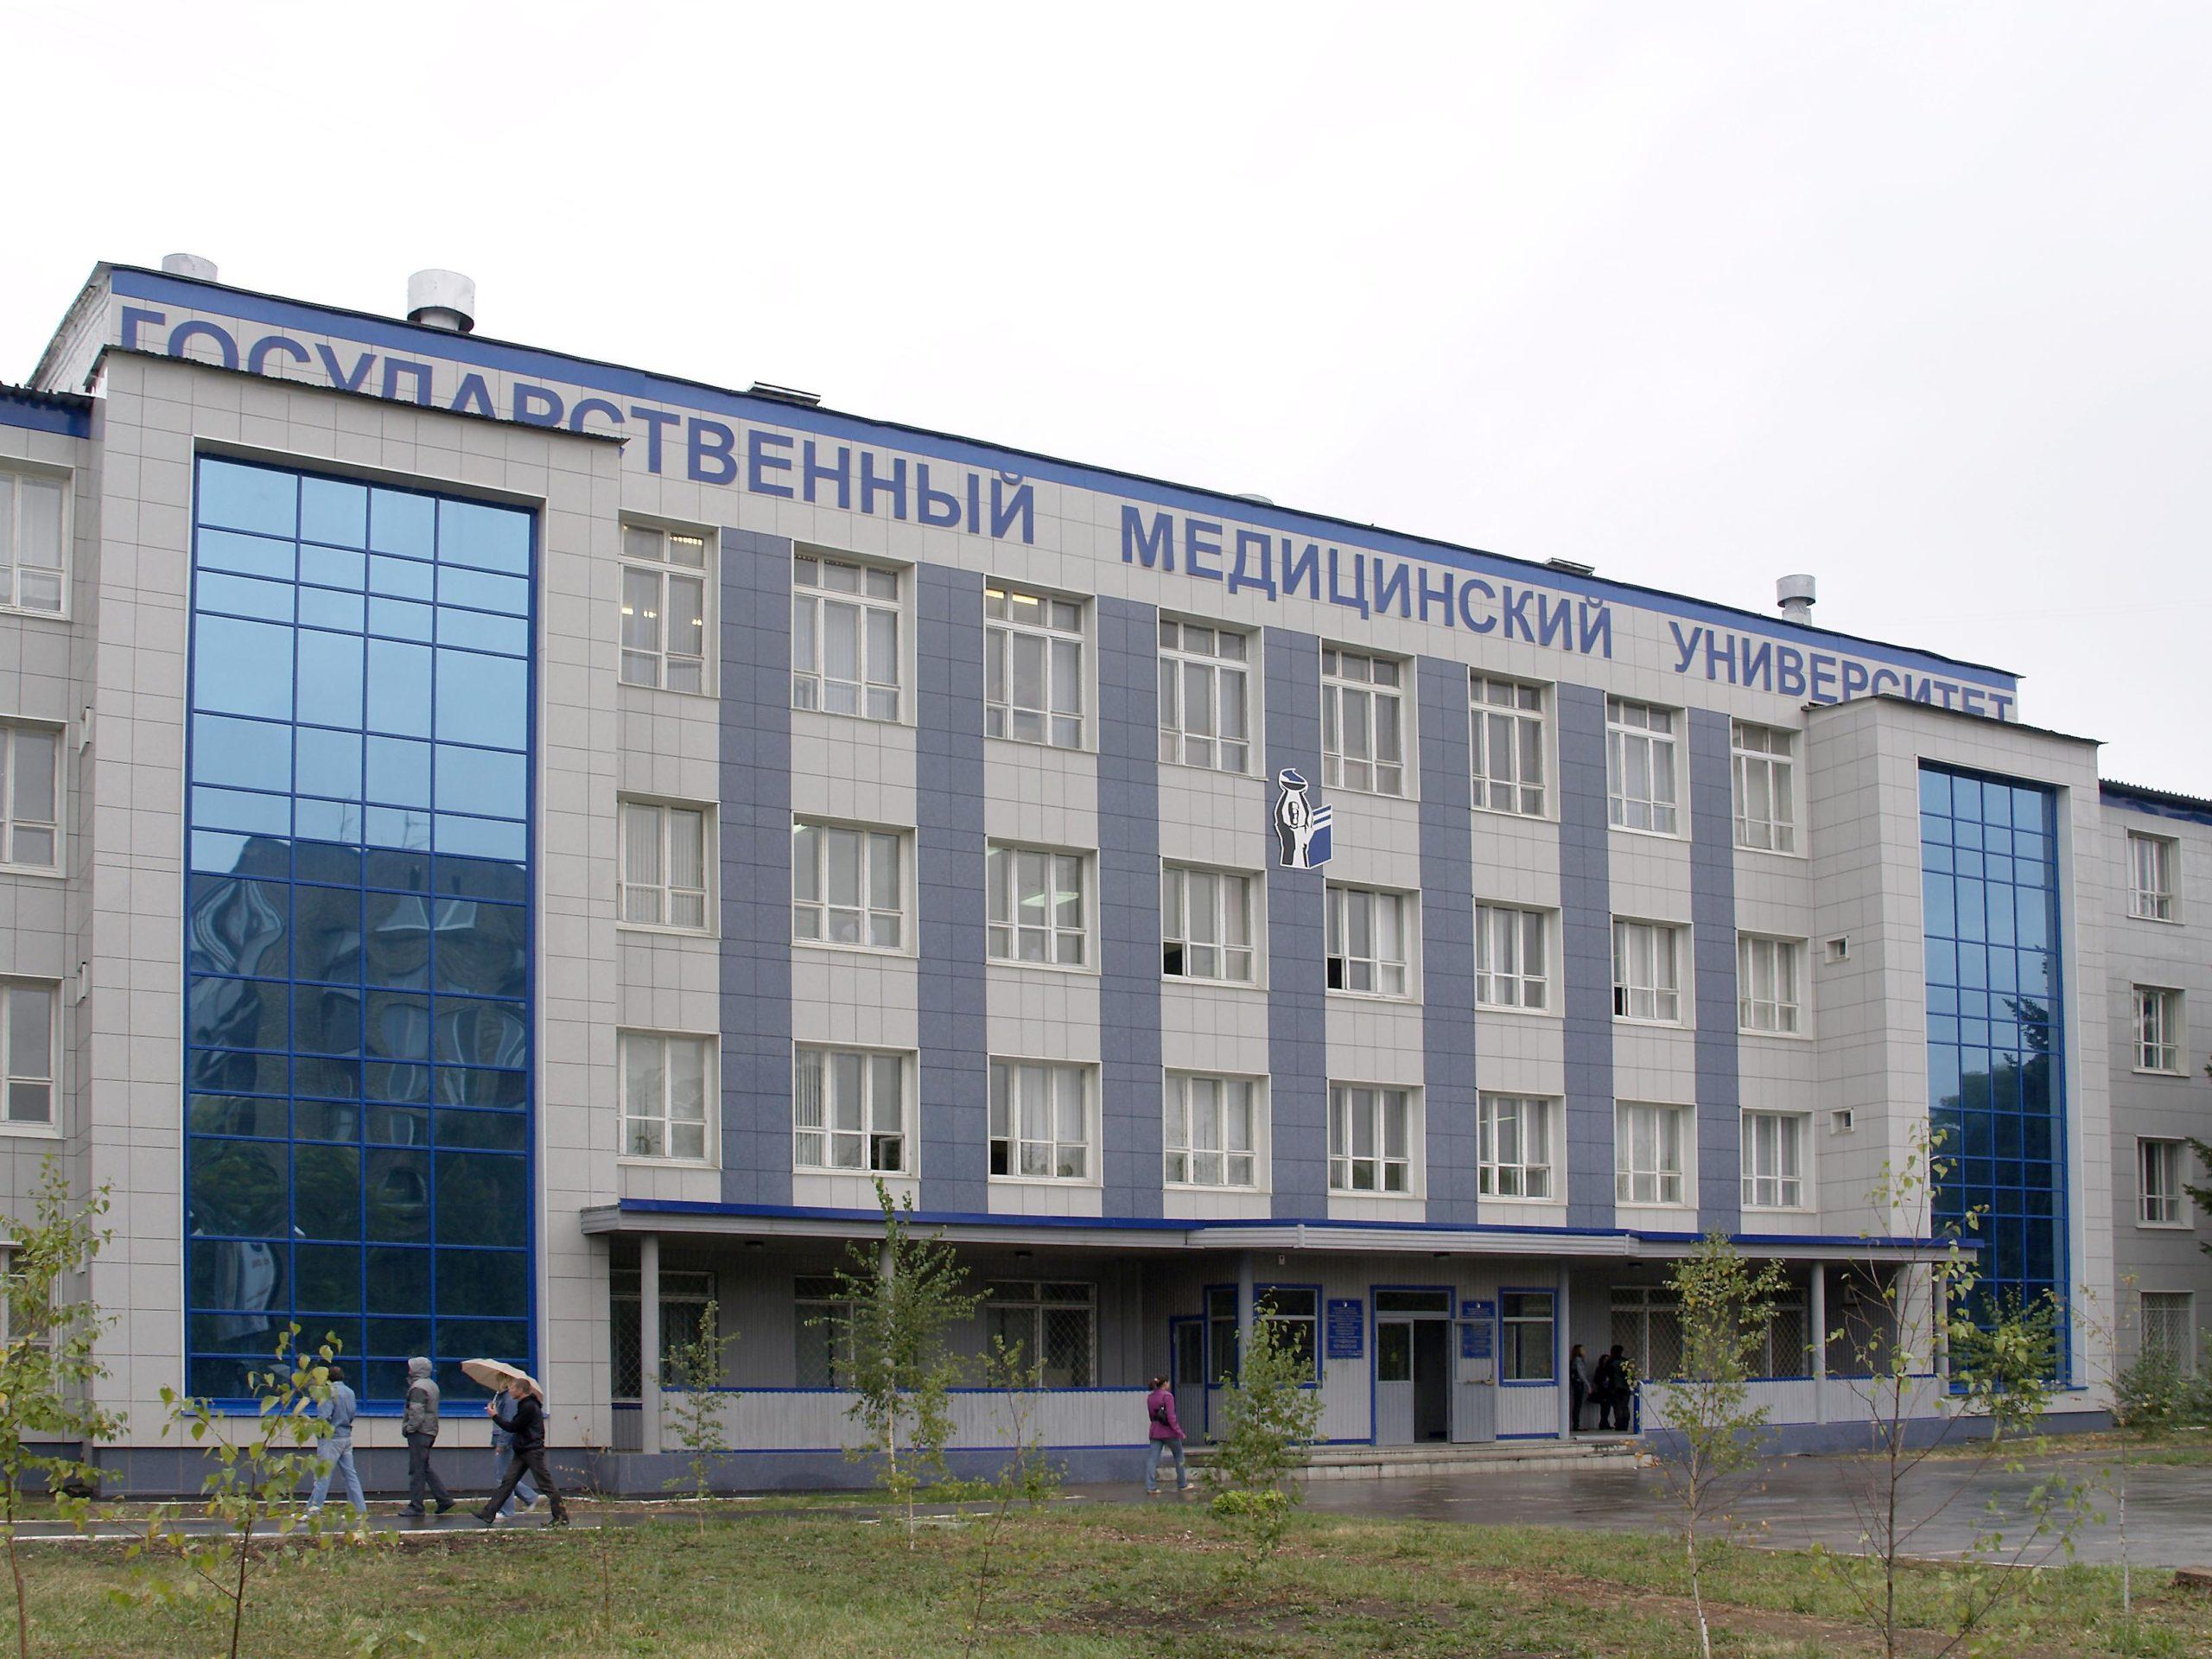 Самарский государственный медицинский университет